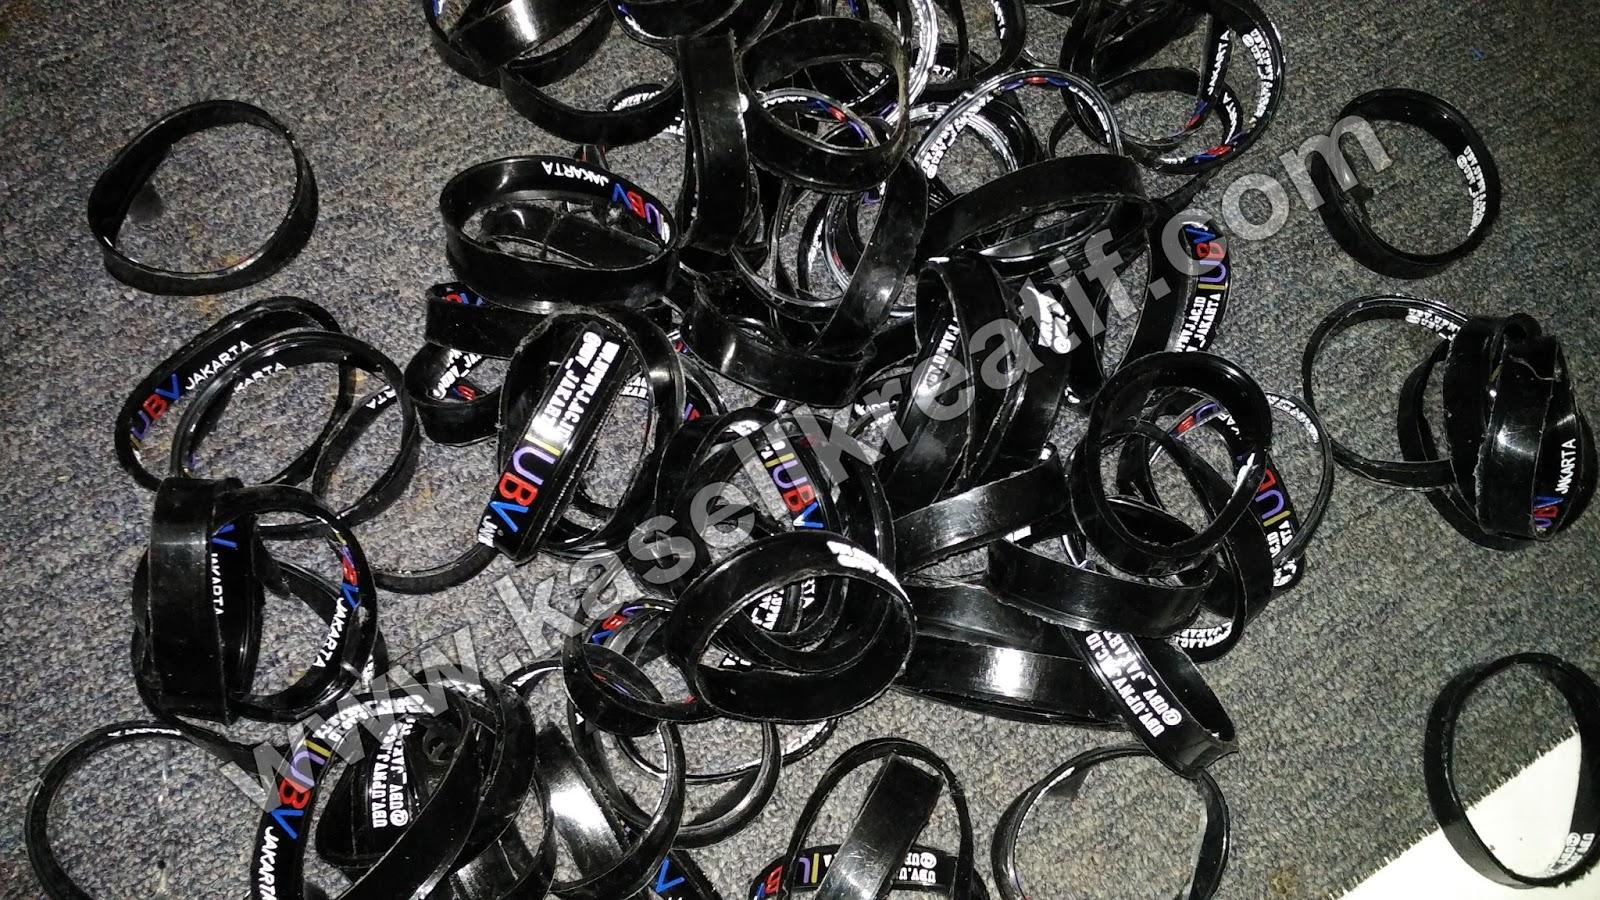 Gelang Karet Rubber Promosi Tulisan Timbul UBV Jakarta 100pcs BELUM FINISHING